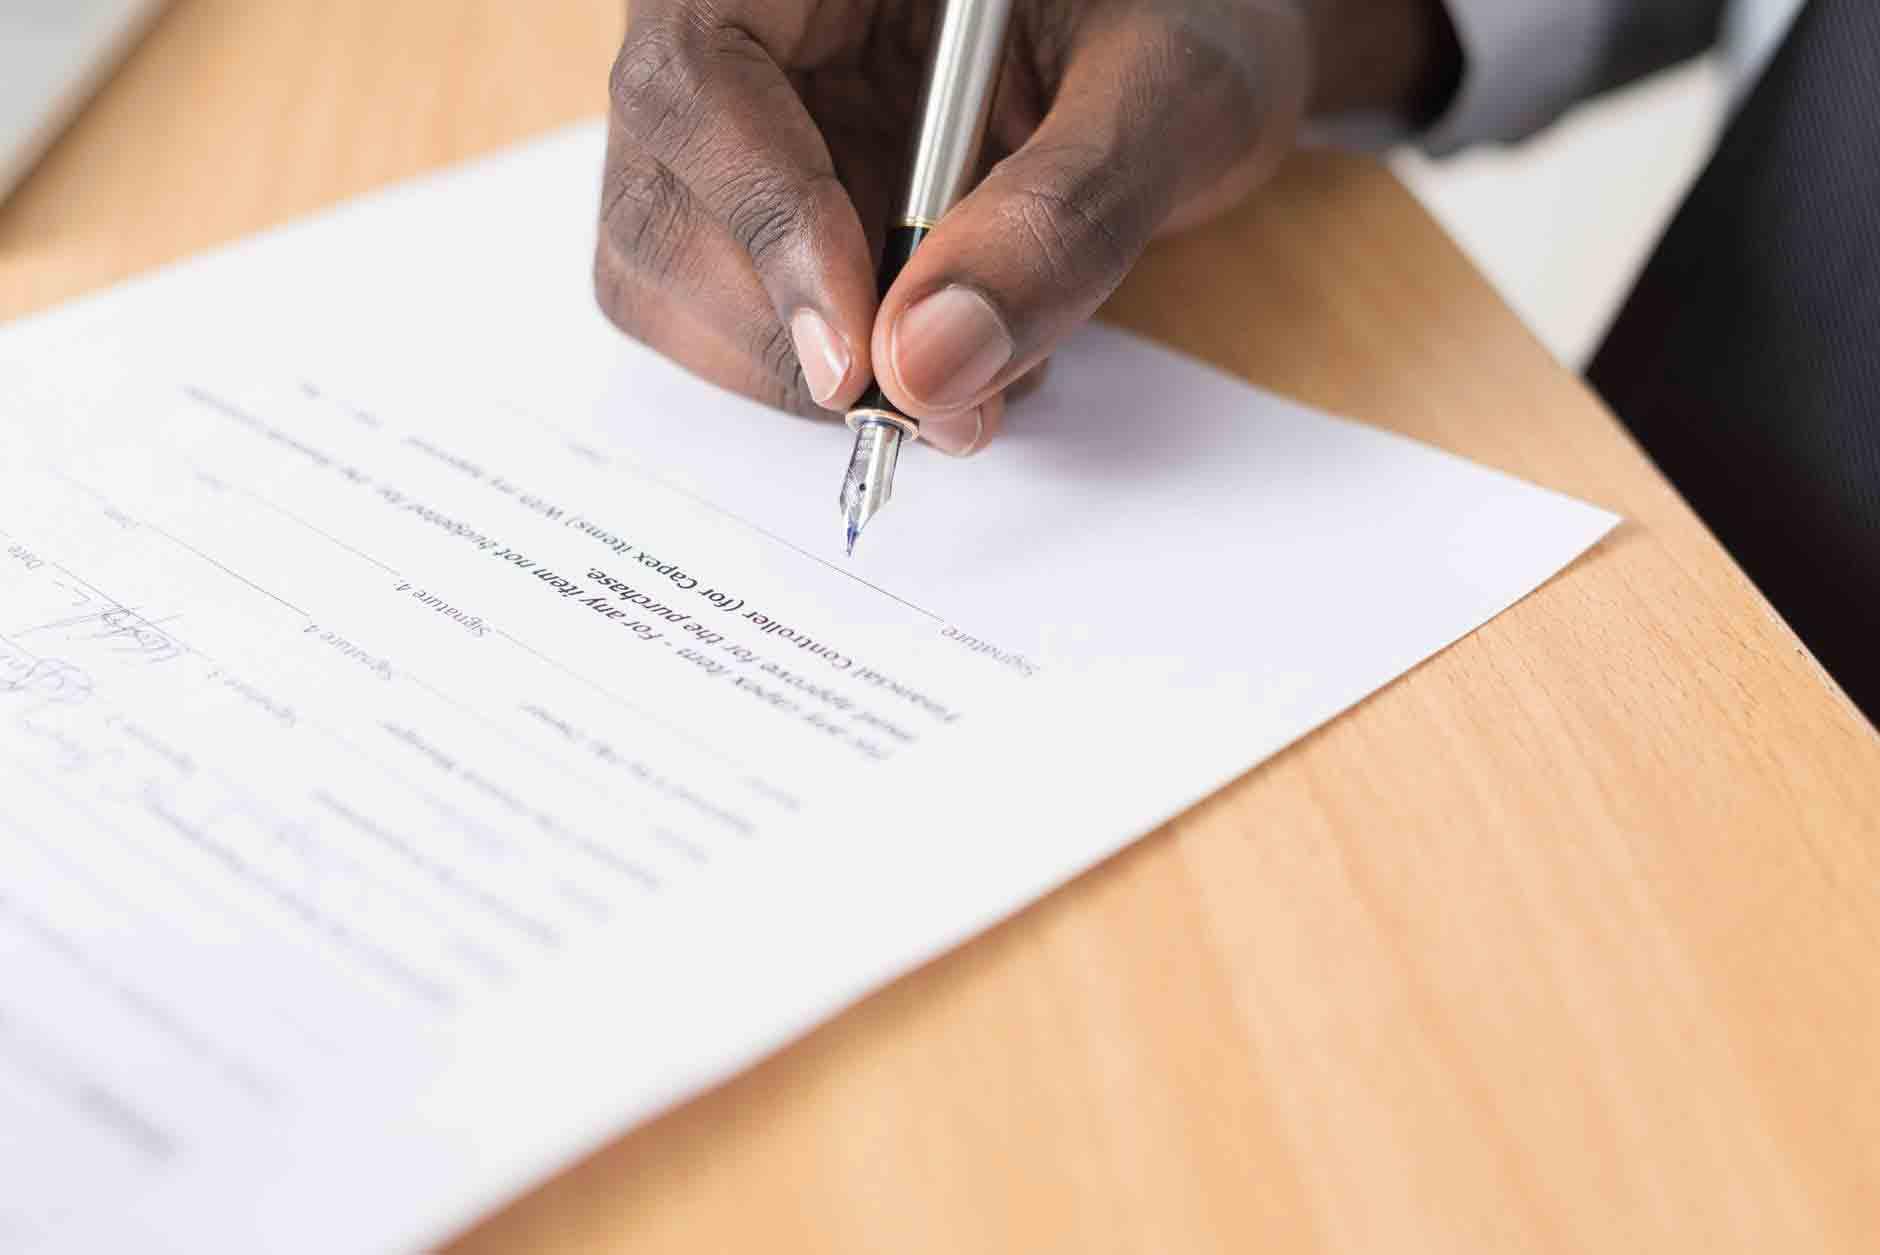 Contrato temporário de trabalho: entenda como funciona